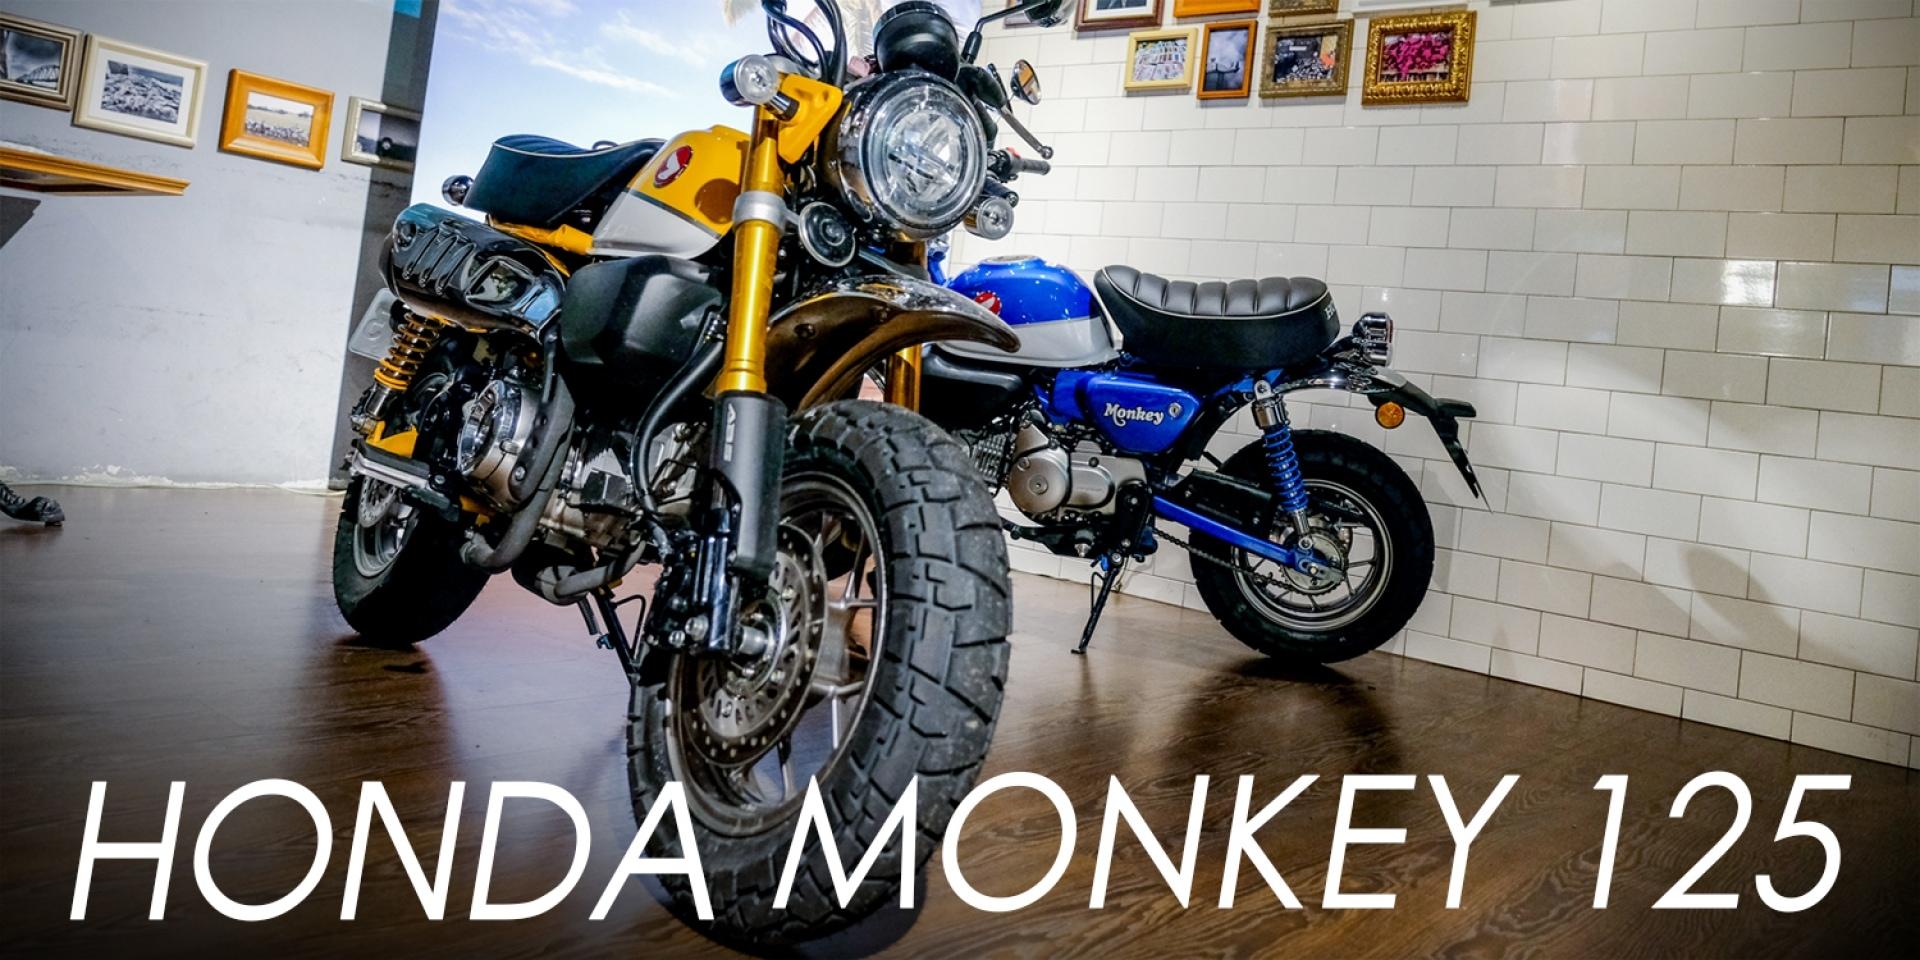 吸睛度破表!與眾不同可愛新焦點,HONDA MONKEY 125試駕體驗